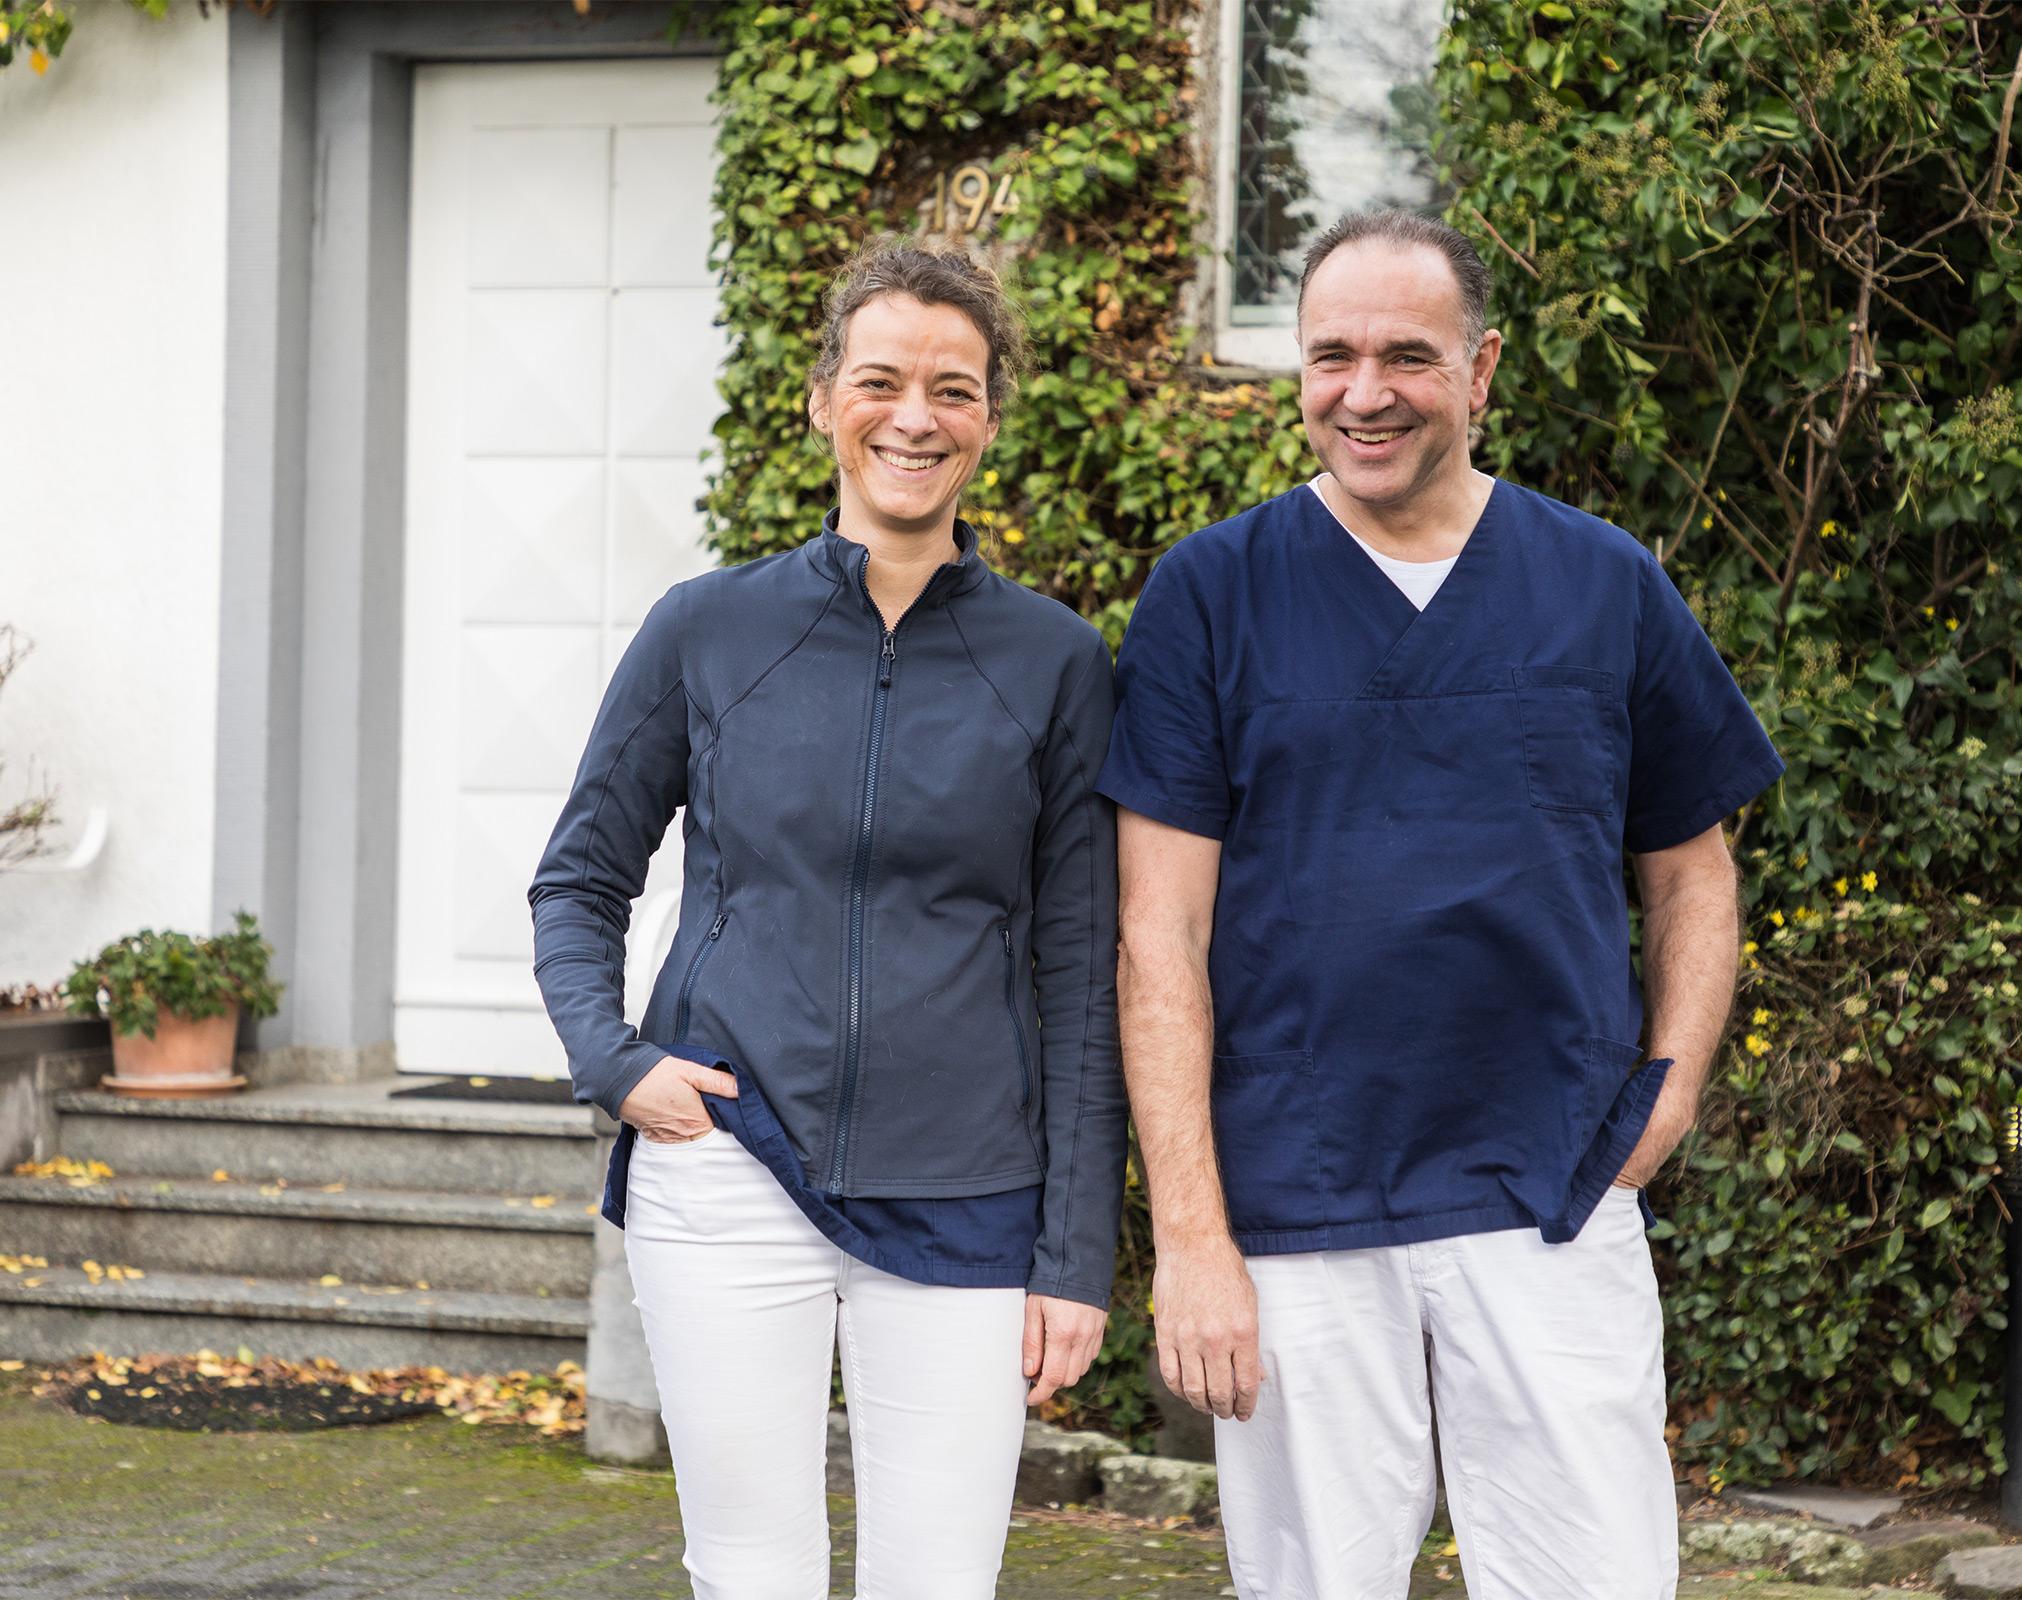 Dres. Wilmering und Schneller vor der Praxis Dr. Wilmering, Tierarzt